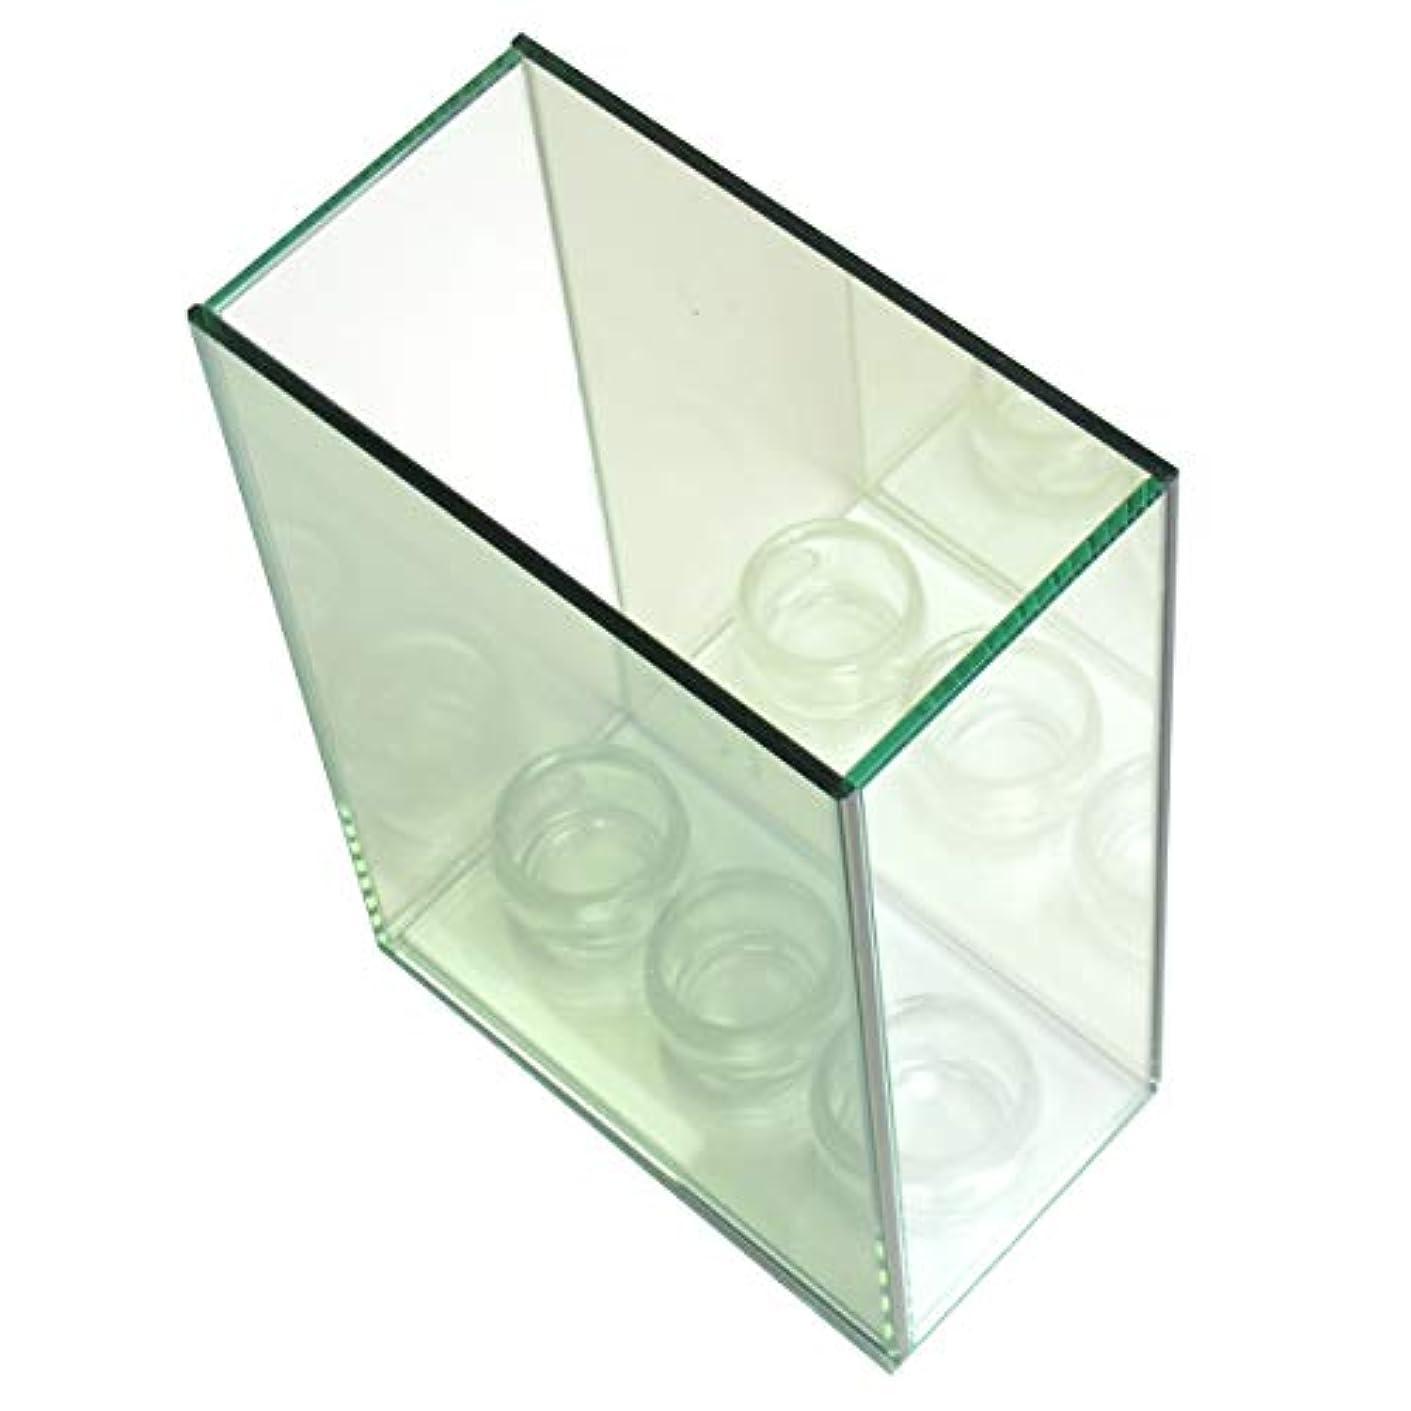 レジデンス配置弱まる無限連鎖キャンドルホルダー 3連 ガラス キャンドルスタンド ランタン 誕生日 ティーライトキャンドル